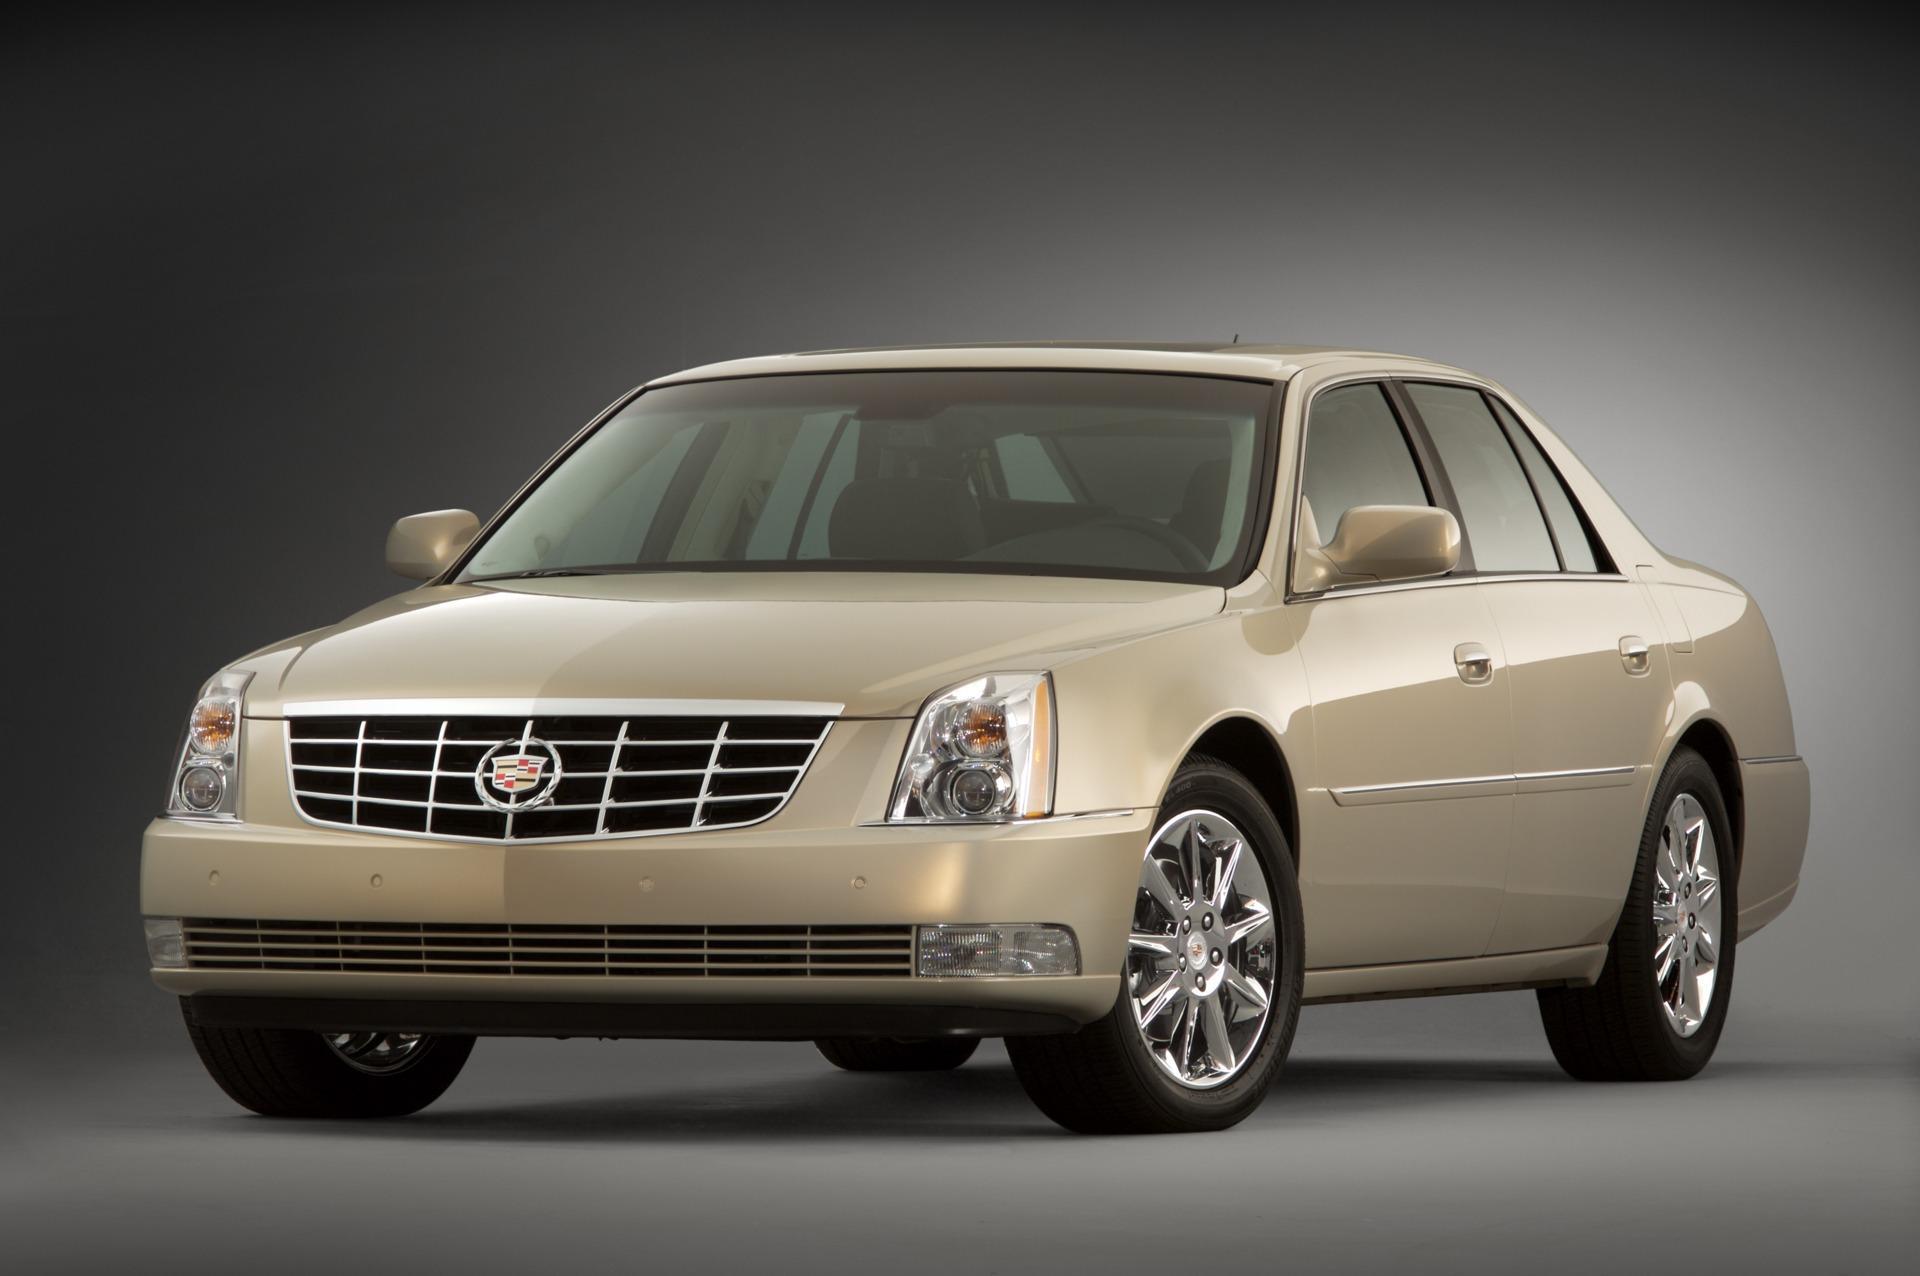 2009 Cadillac DTS - conceptcarz.com